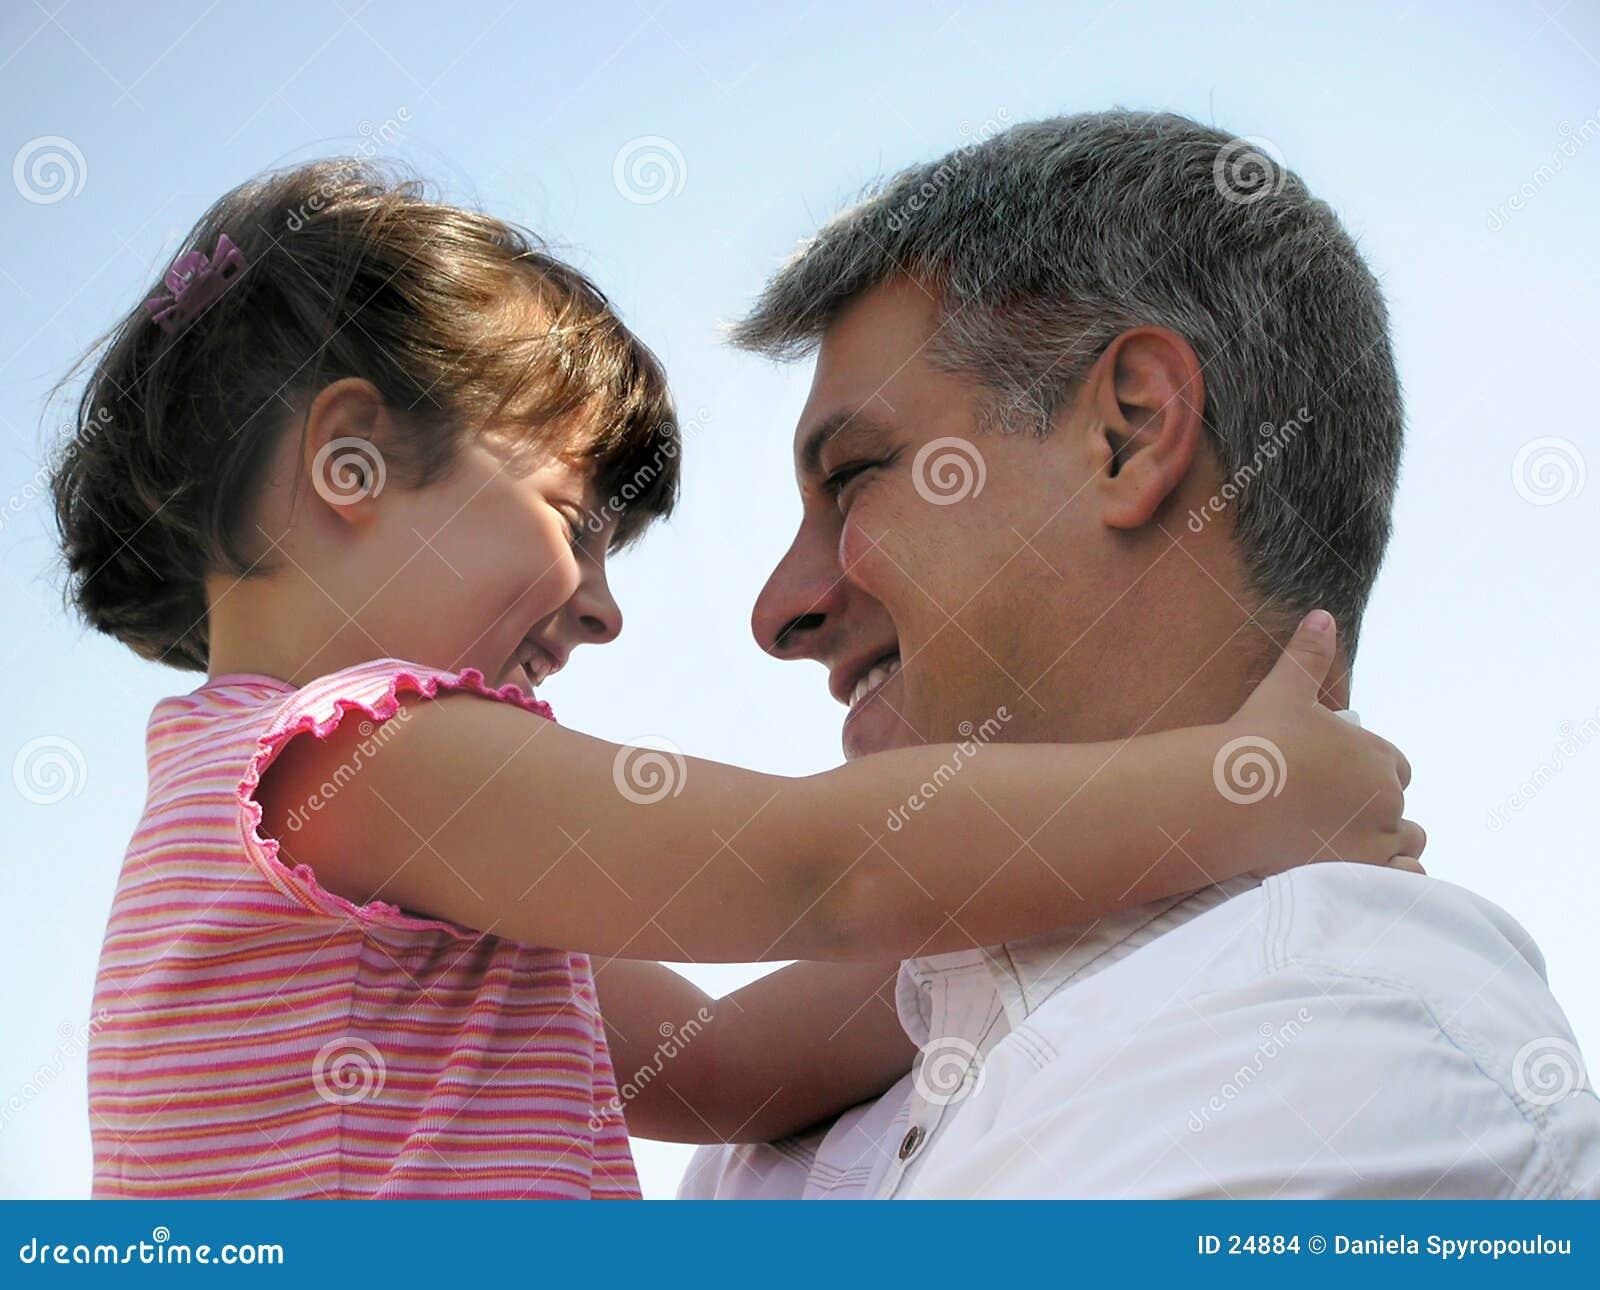 Download Abbraccio grande fotografia stock. Immagine di impressionabile - 24884